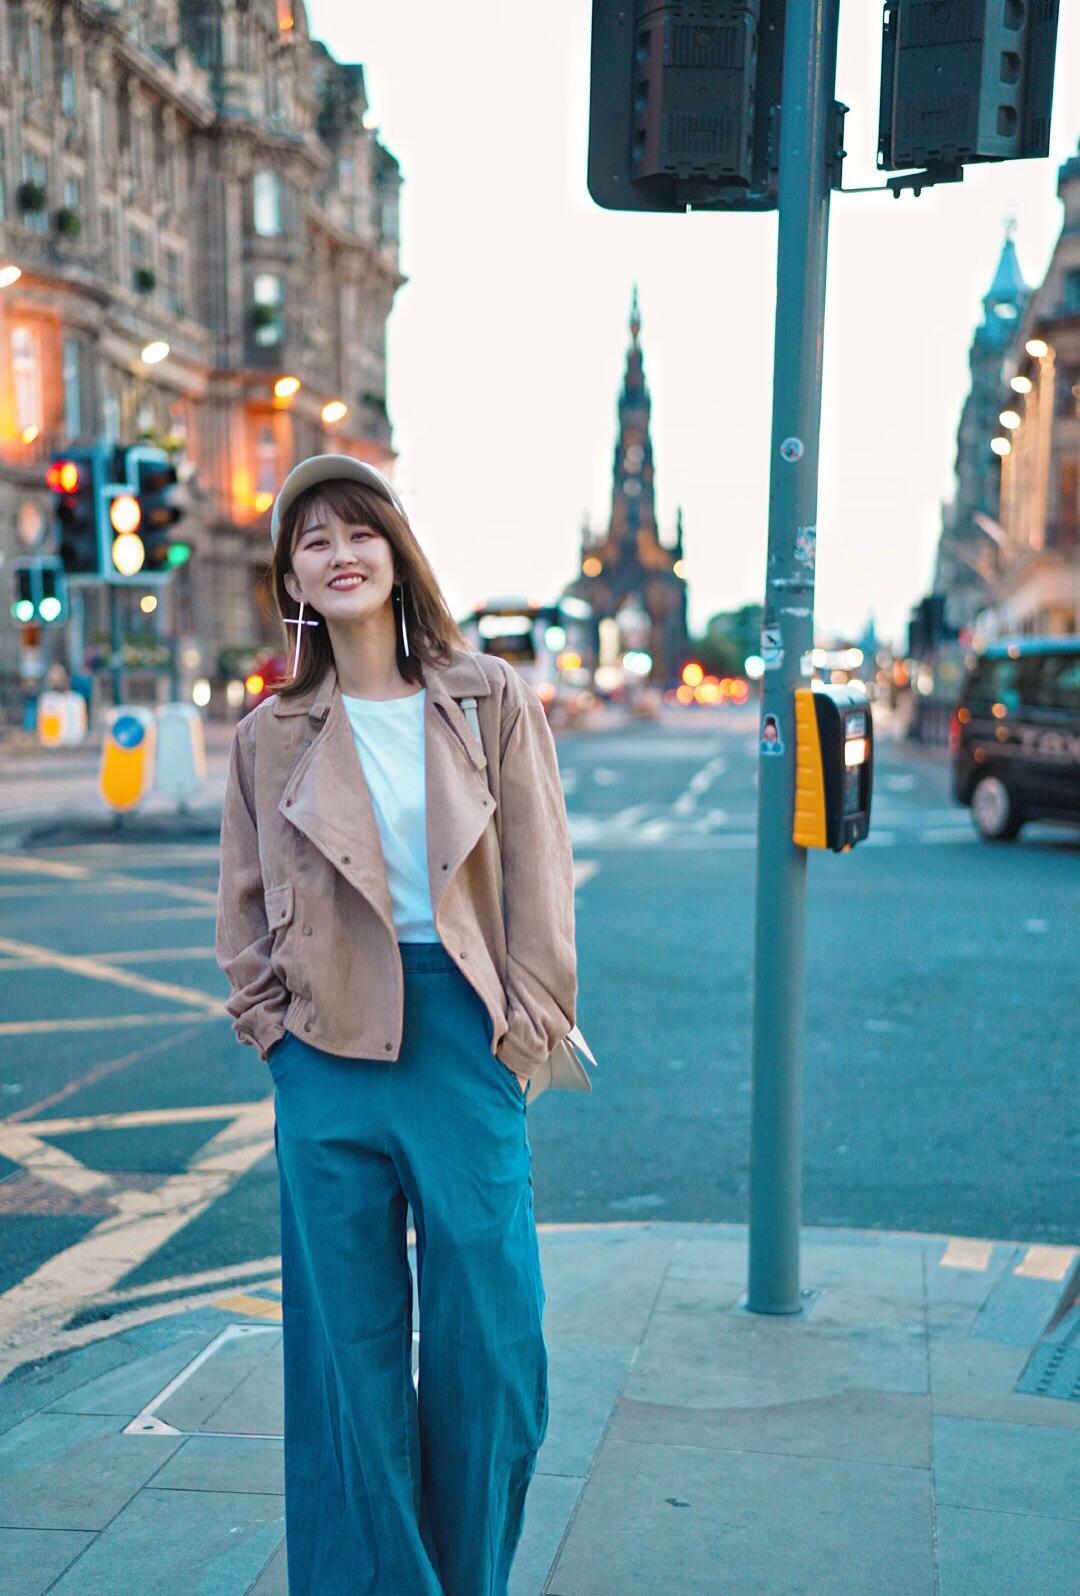 #穿上公主粉,为杰伦公举打call!# 【穿搭】爱丁堡街拍 今晚是这条街上最酷的仔 7月的爱丁堡,晚上大概只有十度左右,而且风很大,我都穿了秋衣还要再套件外套 · 但又好喜欢7月的爱丁堡,因为晚上十点多天还是亮的,在大街上随便走走拍拍都很好看。 · 白色的小帽子这次去英国出镜率很高,非常百搭,是个叫AWESOME NEEDS的小众韩国设计师品牌;外套是灯芯绒材质的,做成了皮衣的款式,酷酷的但又很舒服,是The Fifth Label的新款;裤子是以前在日本买的阔腿裤,旅行很爱穿它;Yuzefi的小白包之前发过啦,万能百搭,好几套衣服都是用它来搭的,是近期最爱了。 · 天知道在美丽的背后,我穿了一件秋衣然后在秋衣外面套了一个白短袖做内搭 · 今日穿搭 帽子/Essence设计师品牌服装店 外套/the Fifth Label 包/YUZEFI